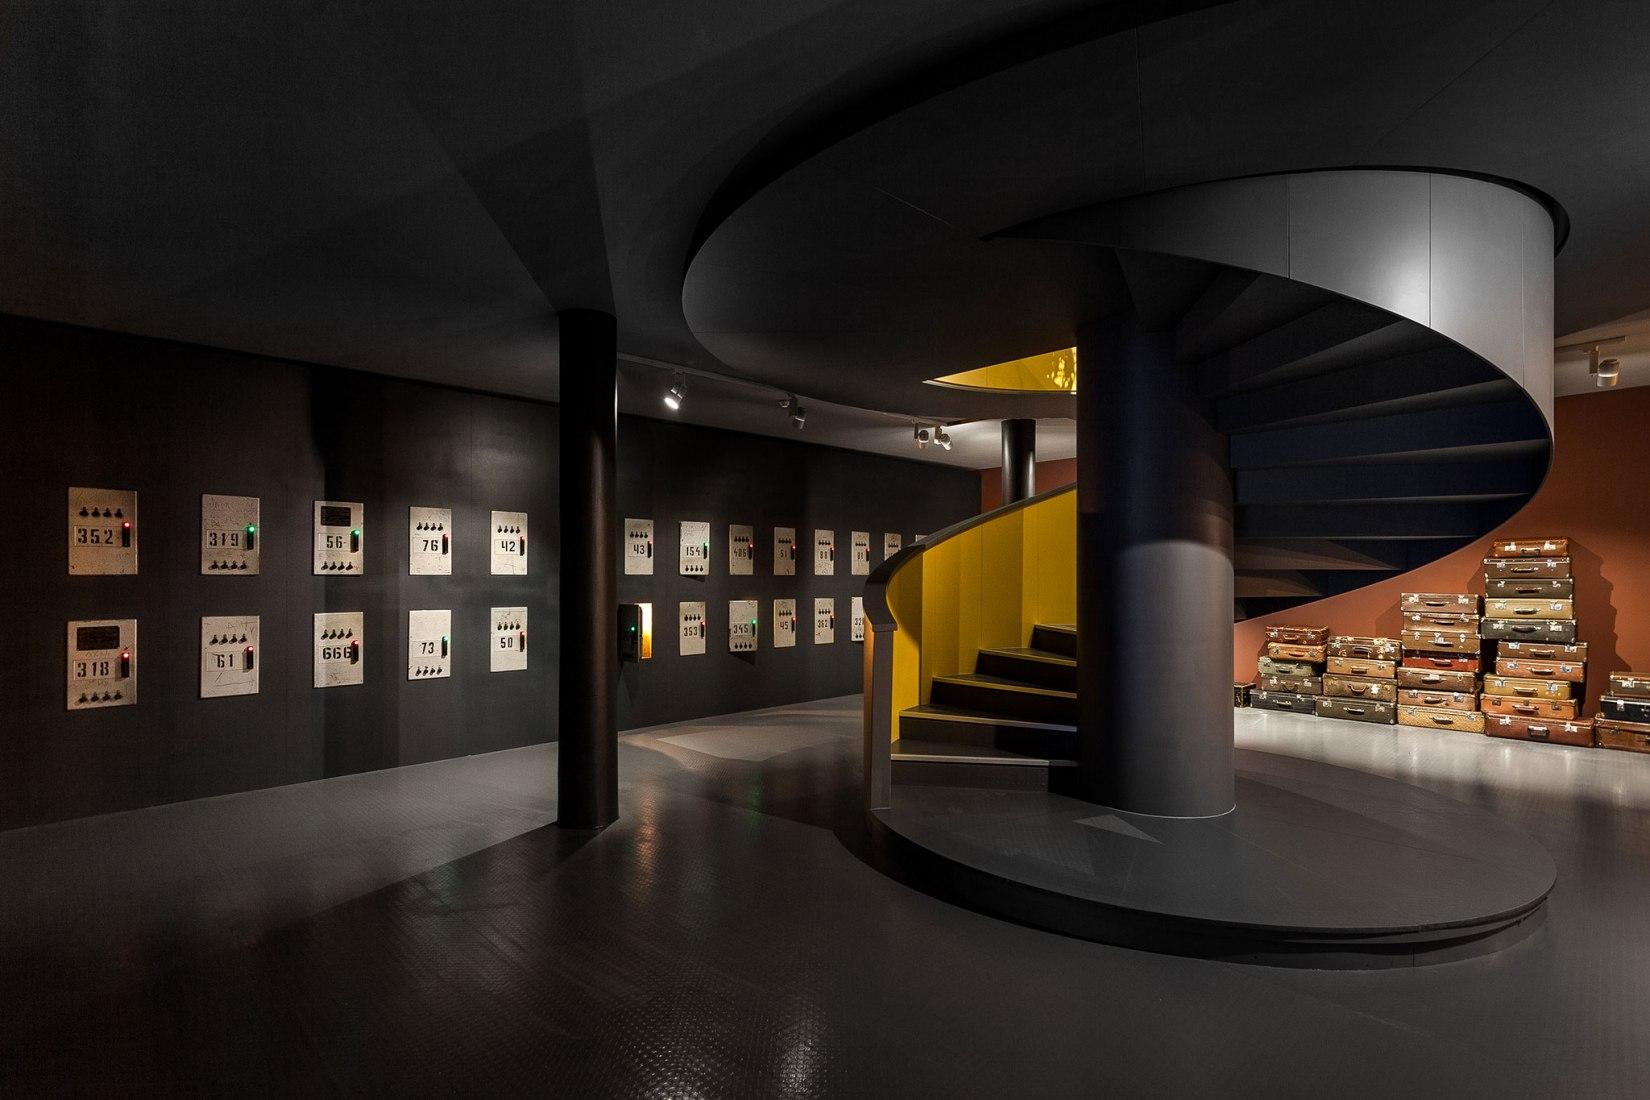 Interior view. Station Russia. Pavillion of Russia at the 16th Biennale Architettura di Venezia 2018. Image courtesy of Anna Mikheeva